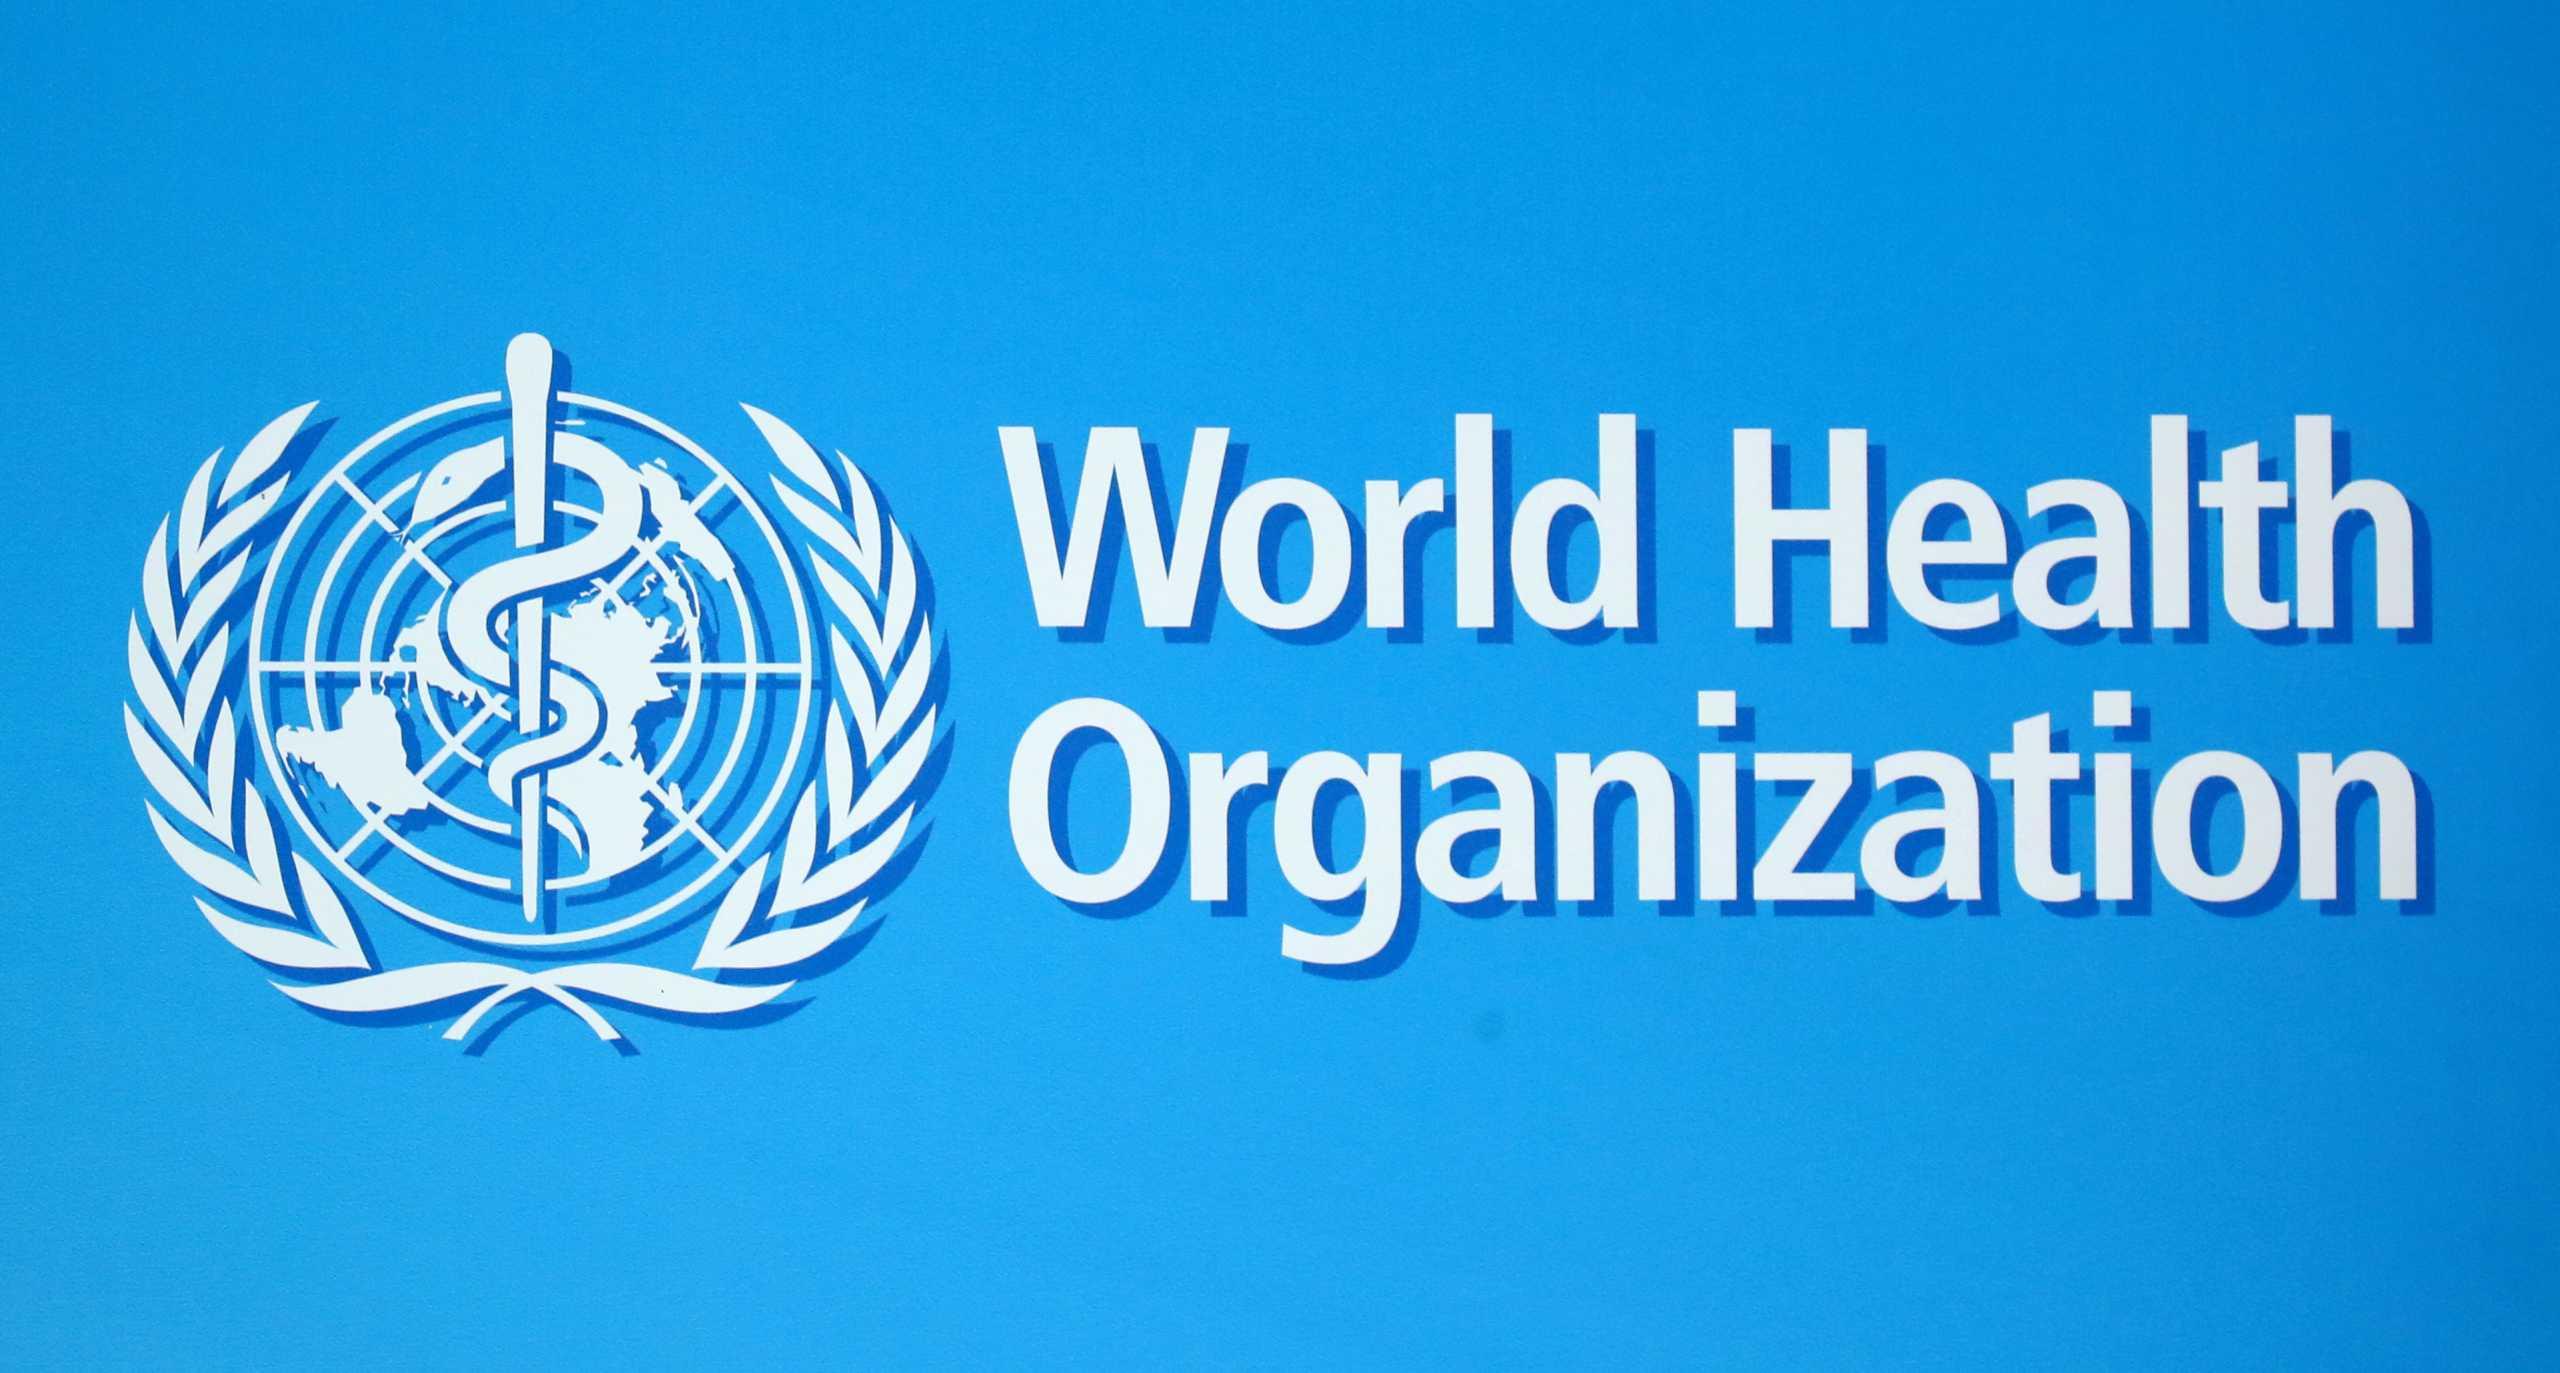 Συνεργασία ΕΕ – Παγκόσμιου Οργανισμού Υγείας για να αναγνωρίζονται τα πιστοποιητικά εμβολιασμού και εκτός ΕΕ